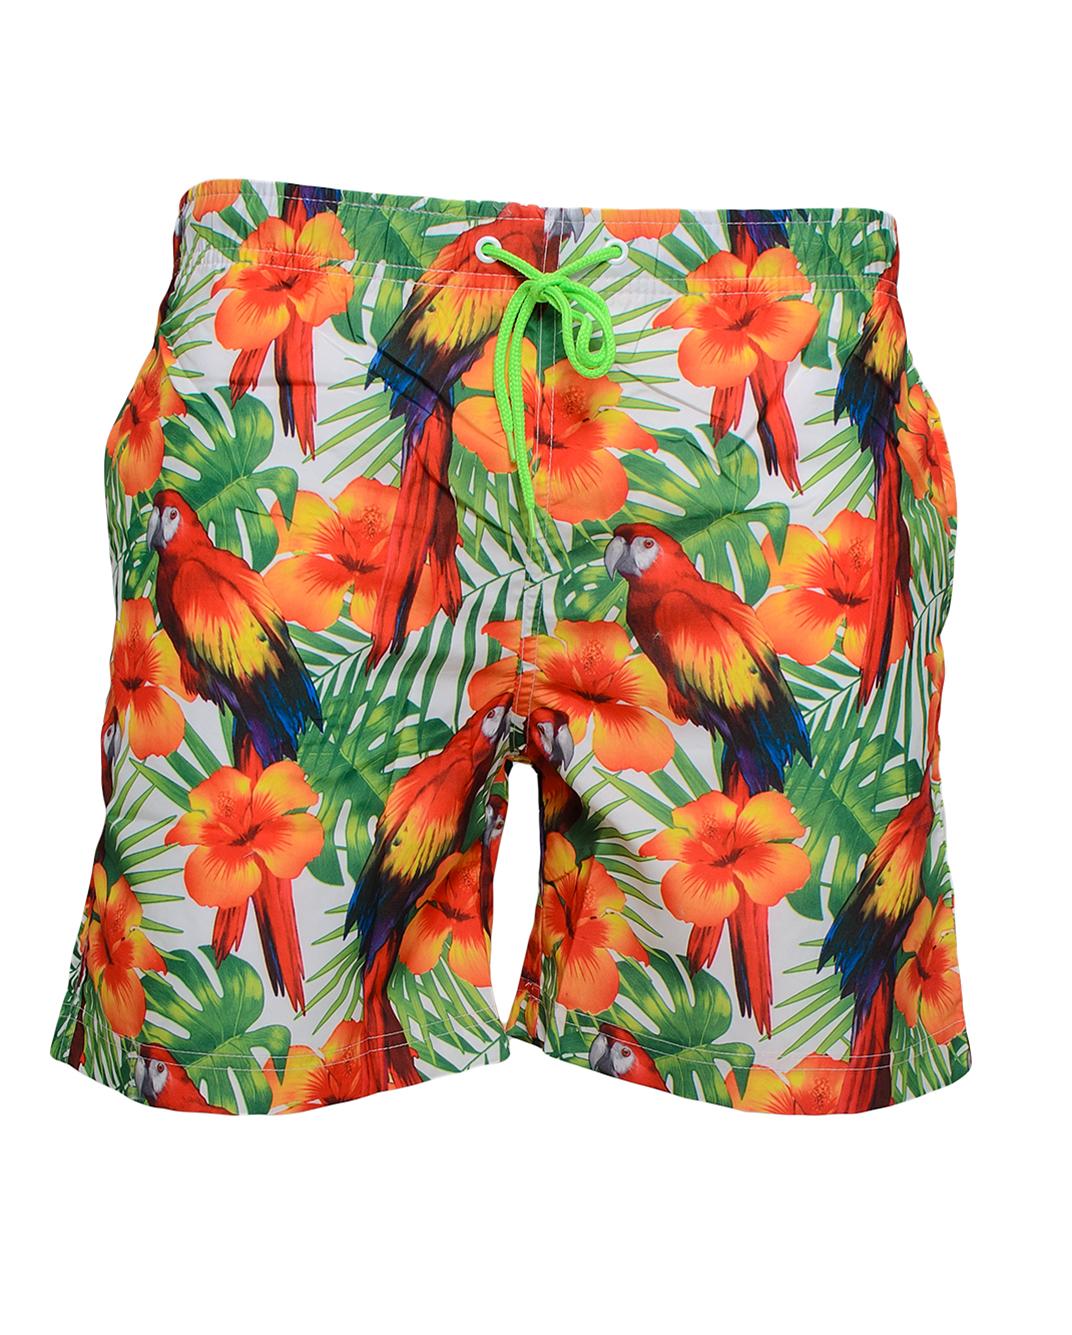 Ανδρικό Μαγιώ Flower Parrot αρχική ανδρικά ρούχα επιλογή ανά προϊόν μαγιό